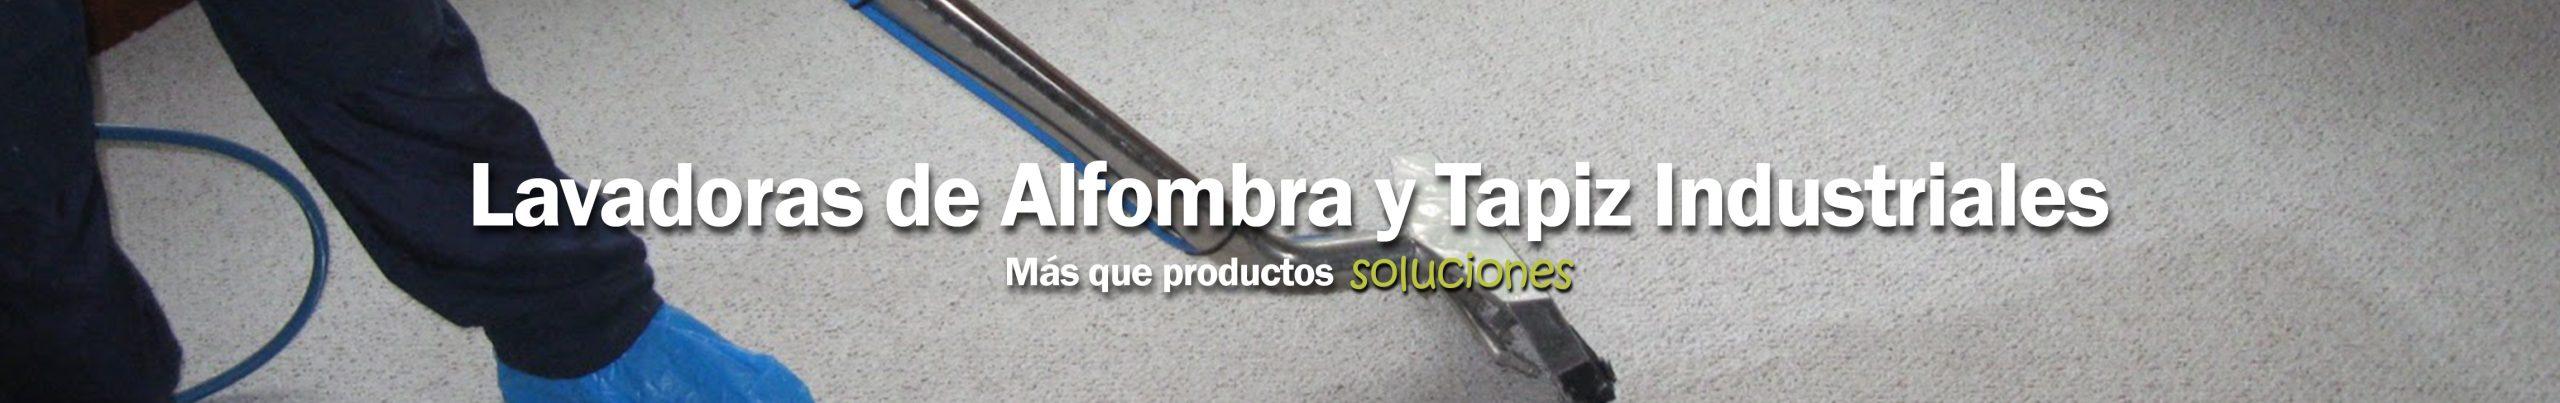 Lavadoras de Alfombra y Tapiz Industriales